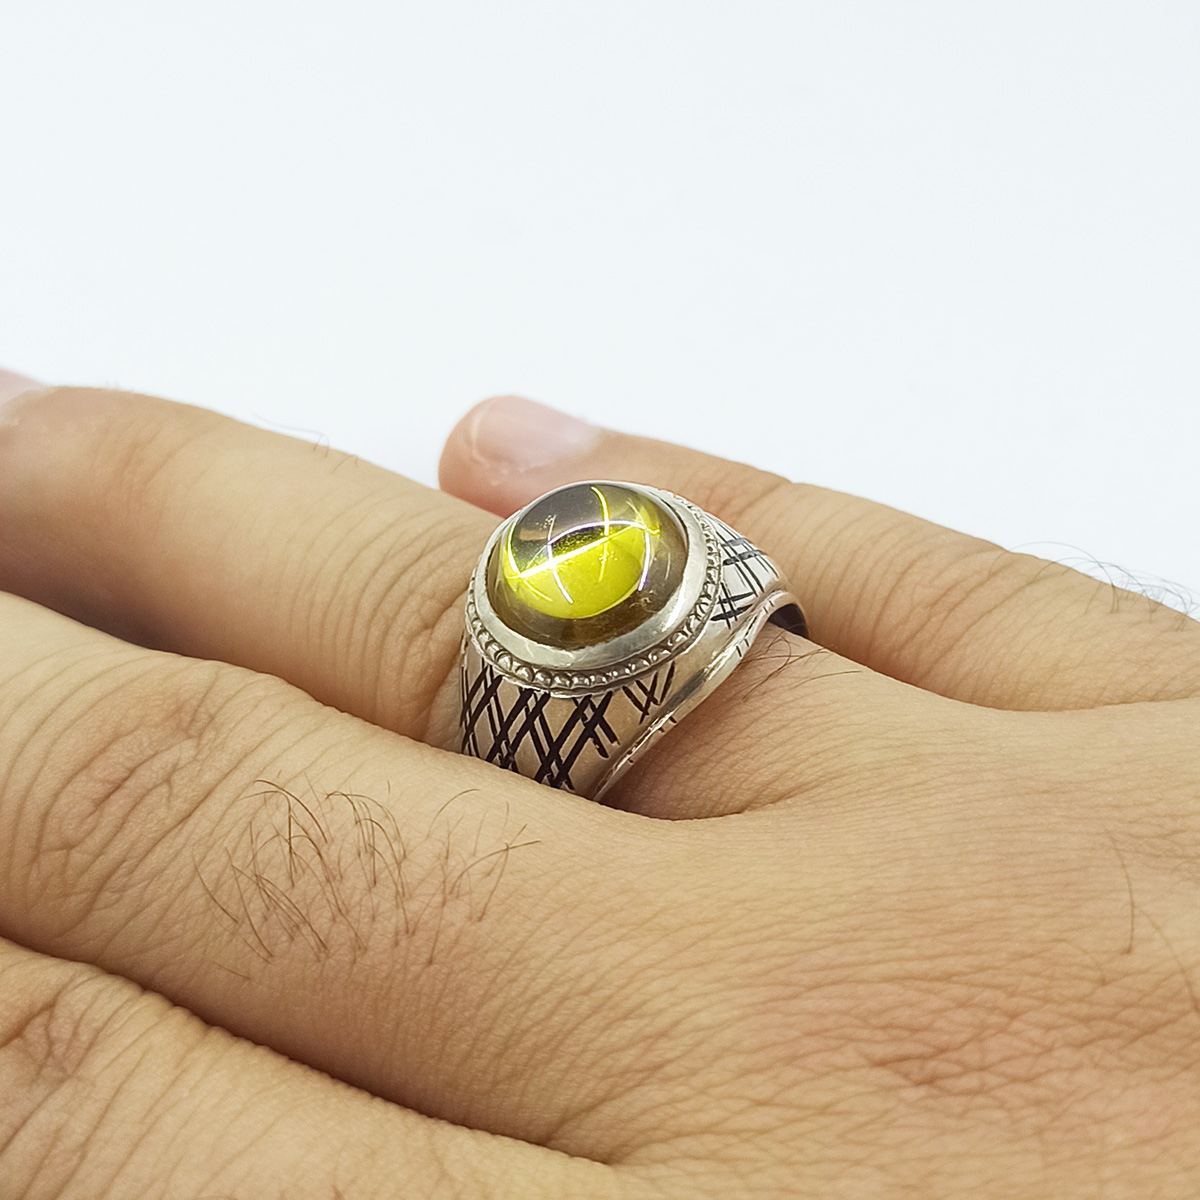 انگشتر نقره مردانه سلین کالا مدل سیترین ce-As195